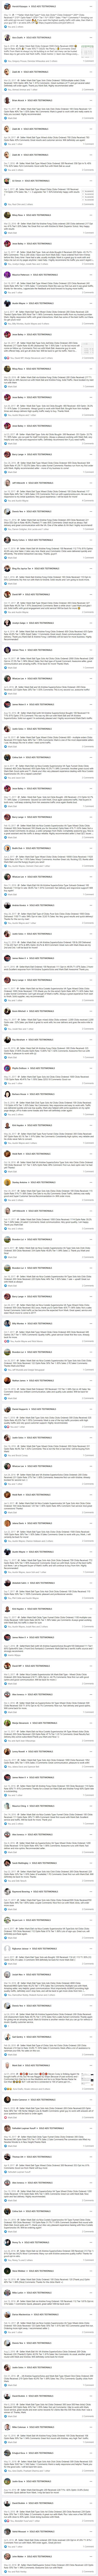 SuperiorSolos Reviews, Reviews